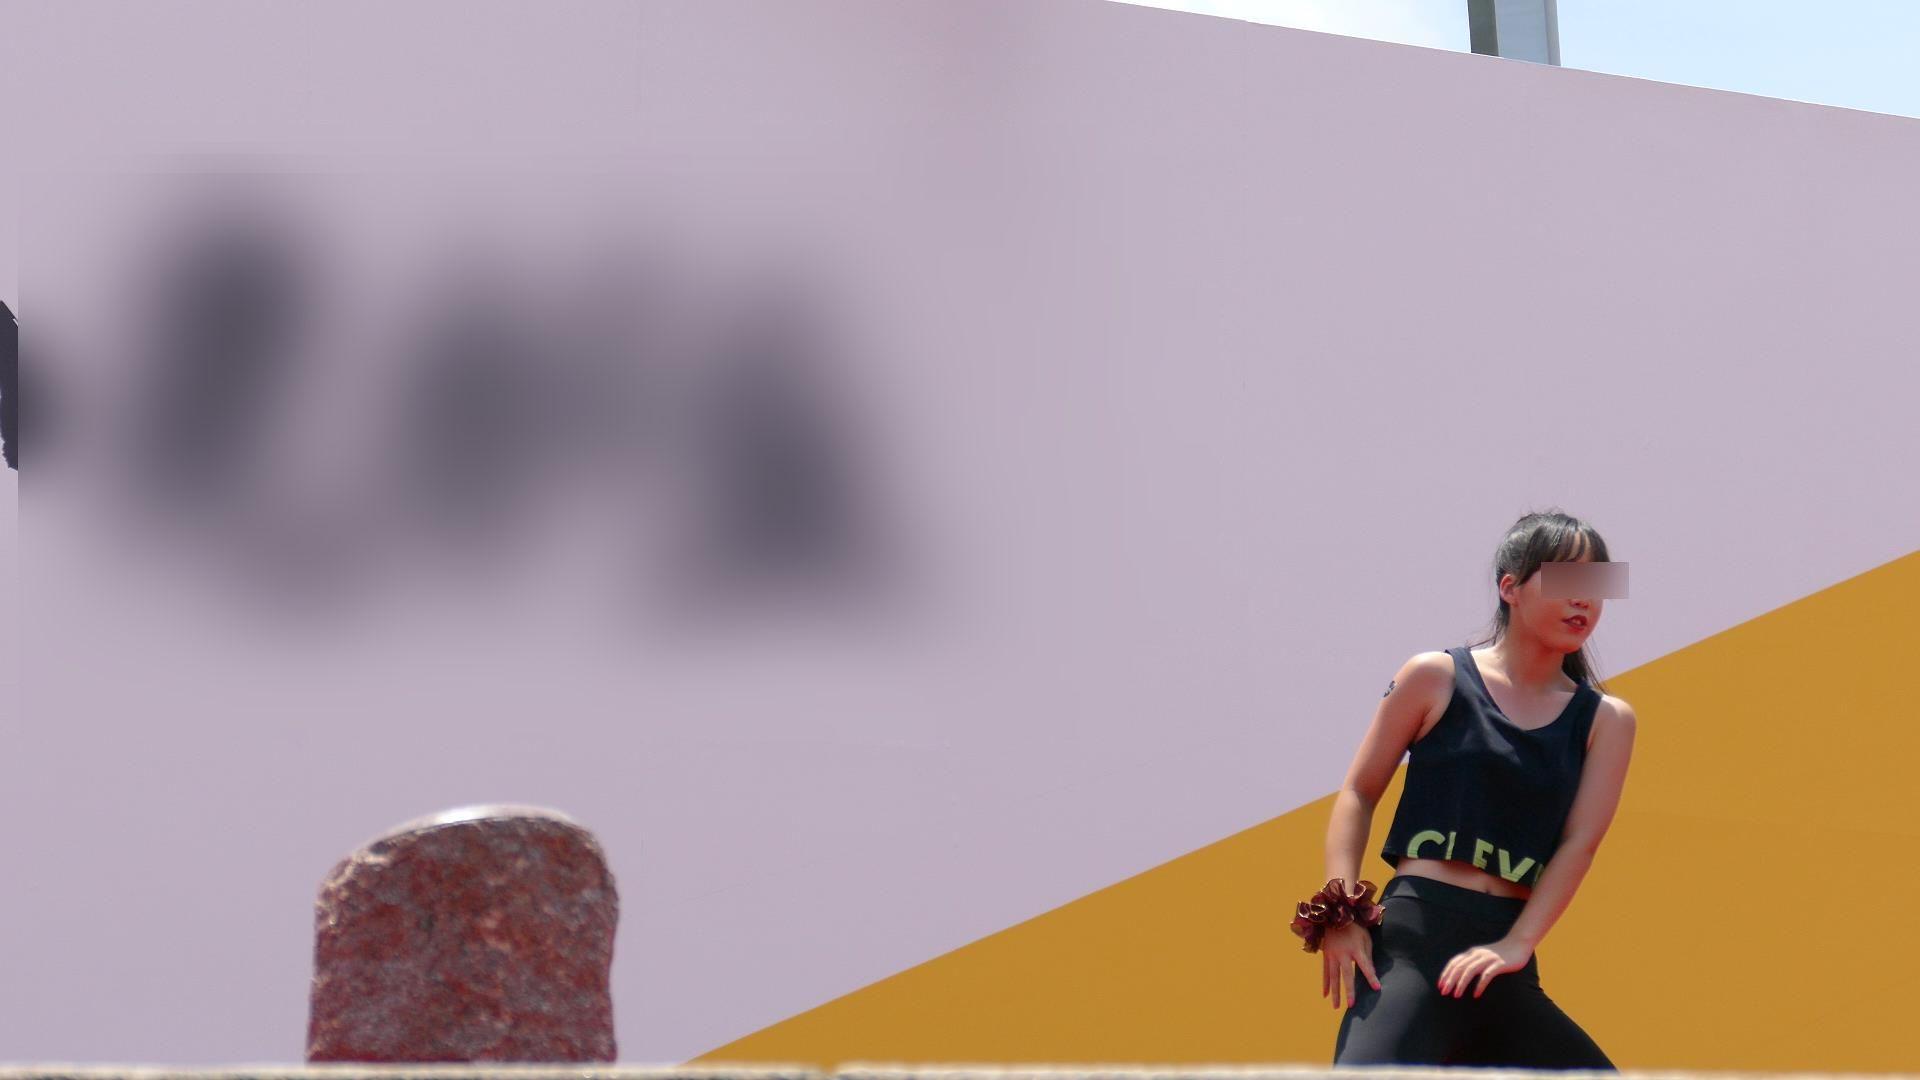 お祭りイベントでダンスチームを赤外線撮影した動画、パンツのリボンまでスケスケになっててスゴイ(きゃめる10)